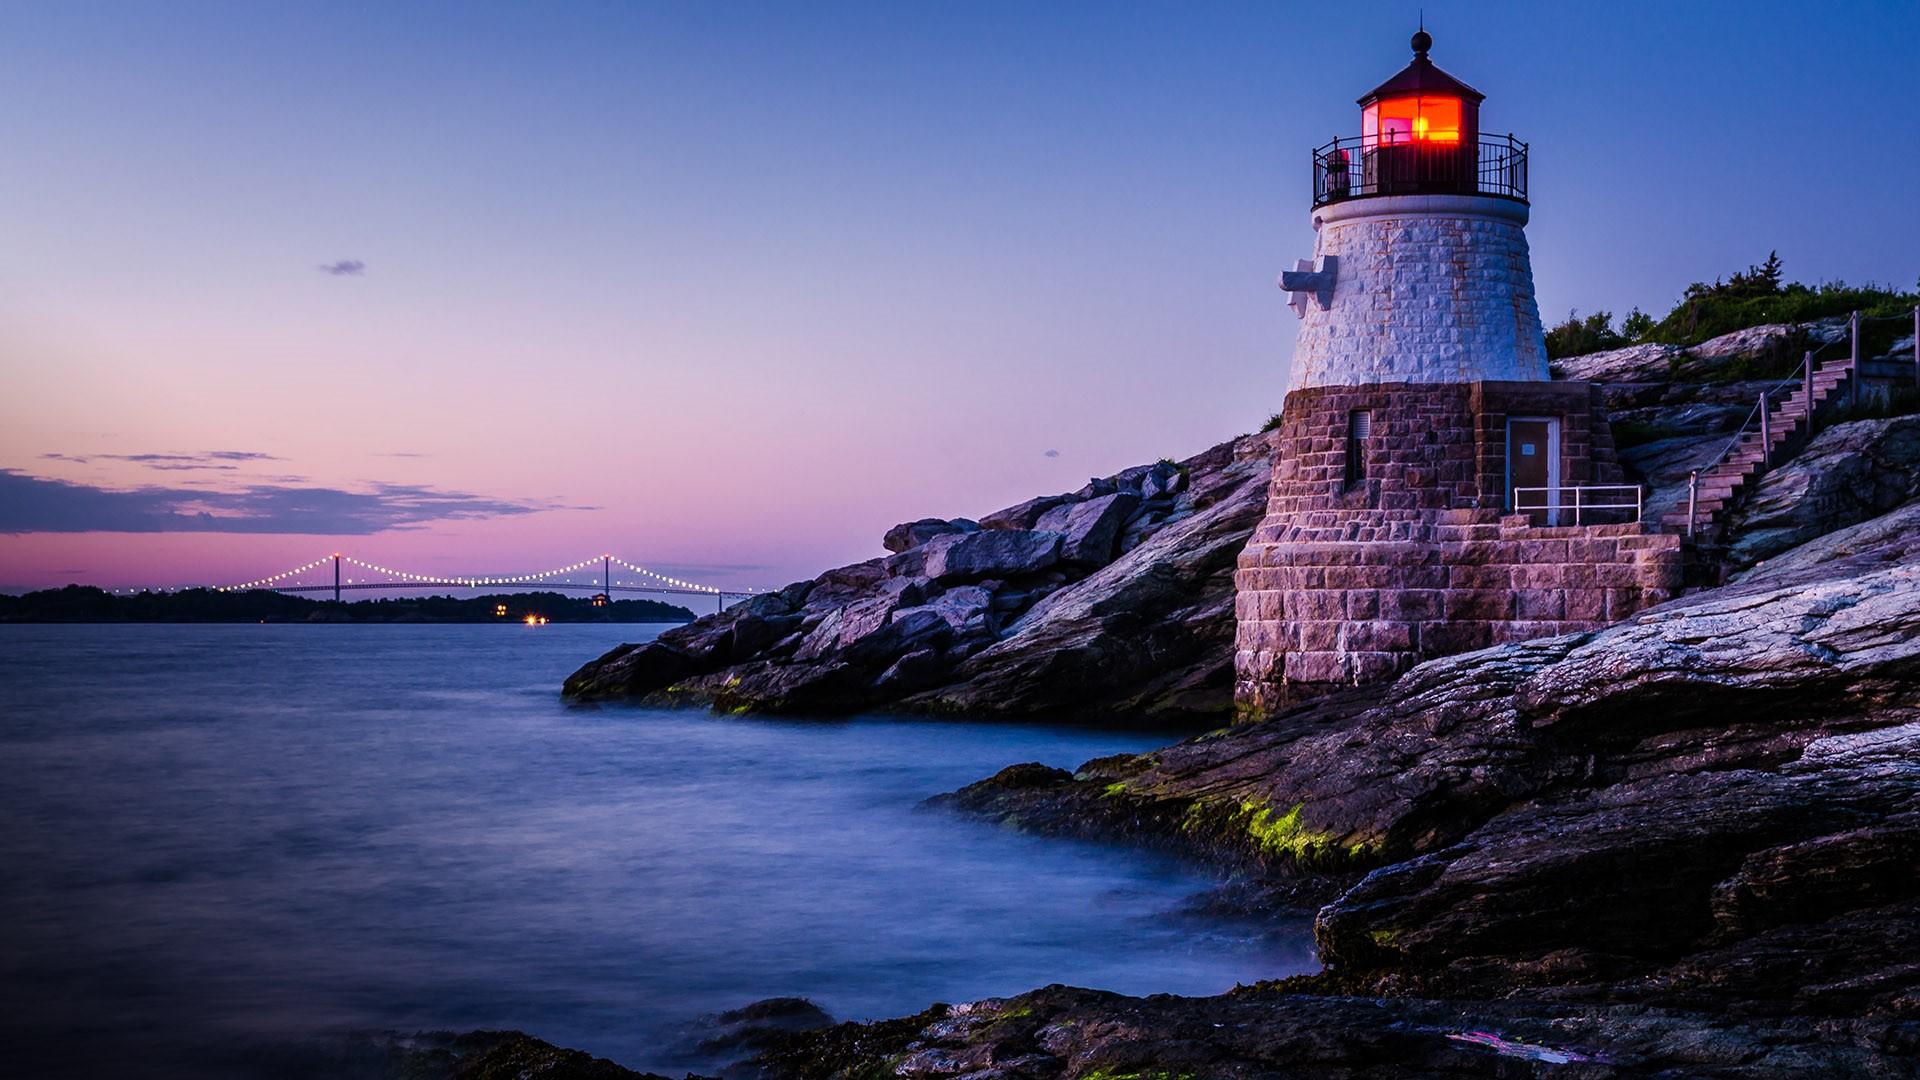 Castle Hill Lighthouse Newport Rhode Island USA Windows 10 1920x1080